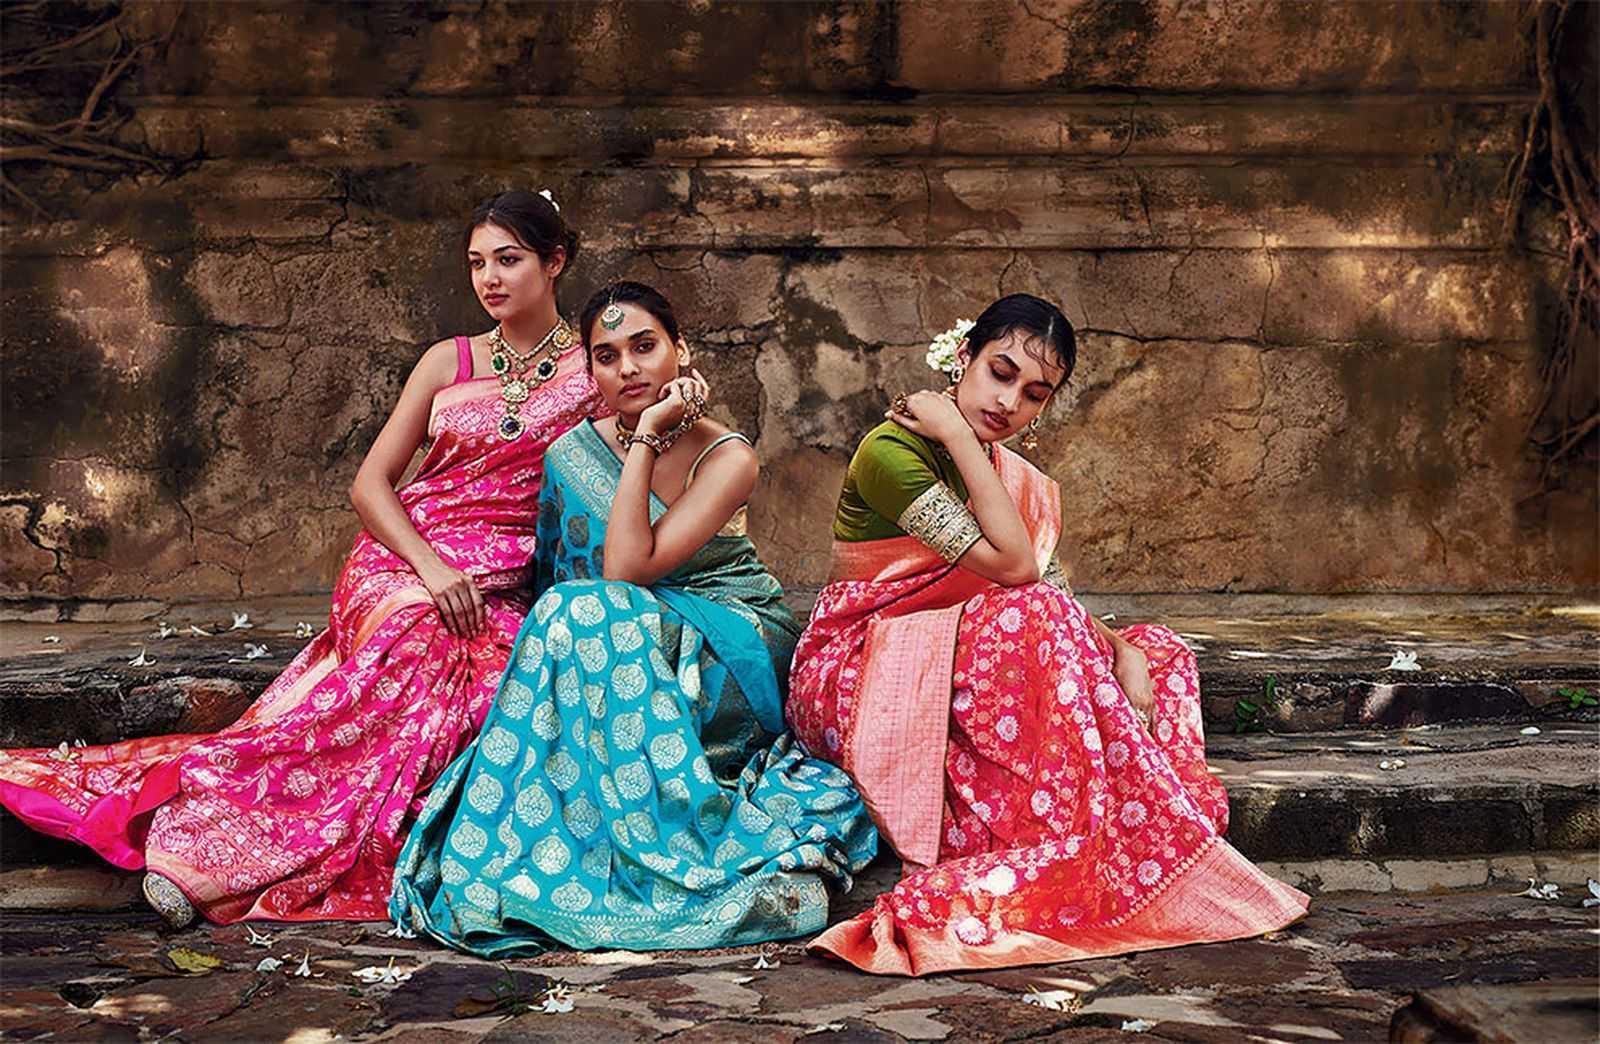 этой фотографы снимающие индию чтобы эта